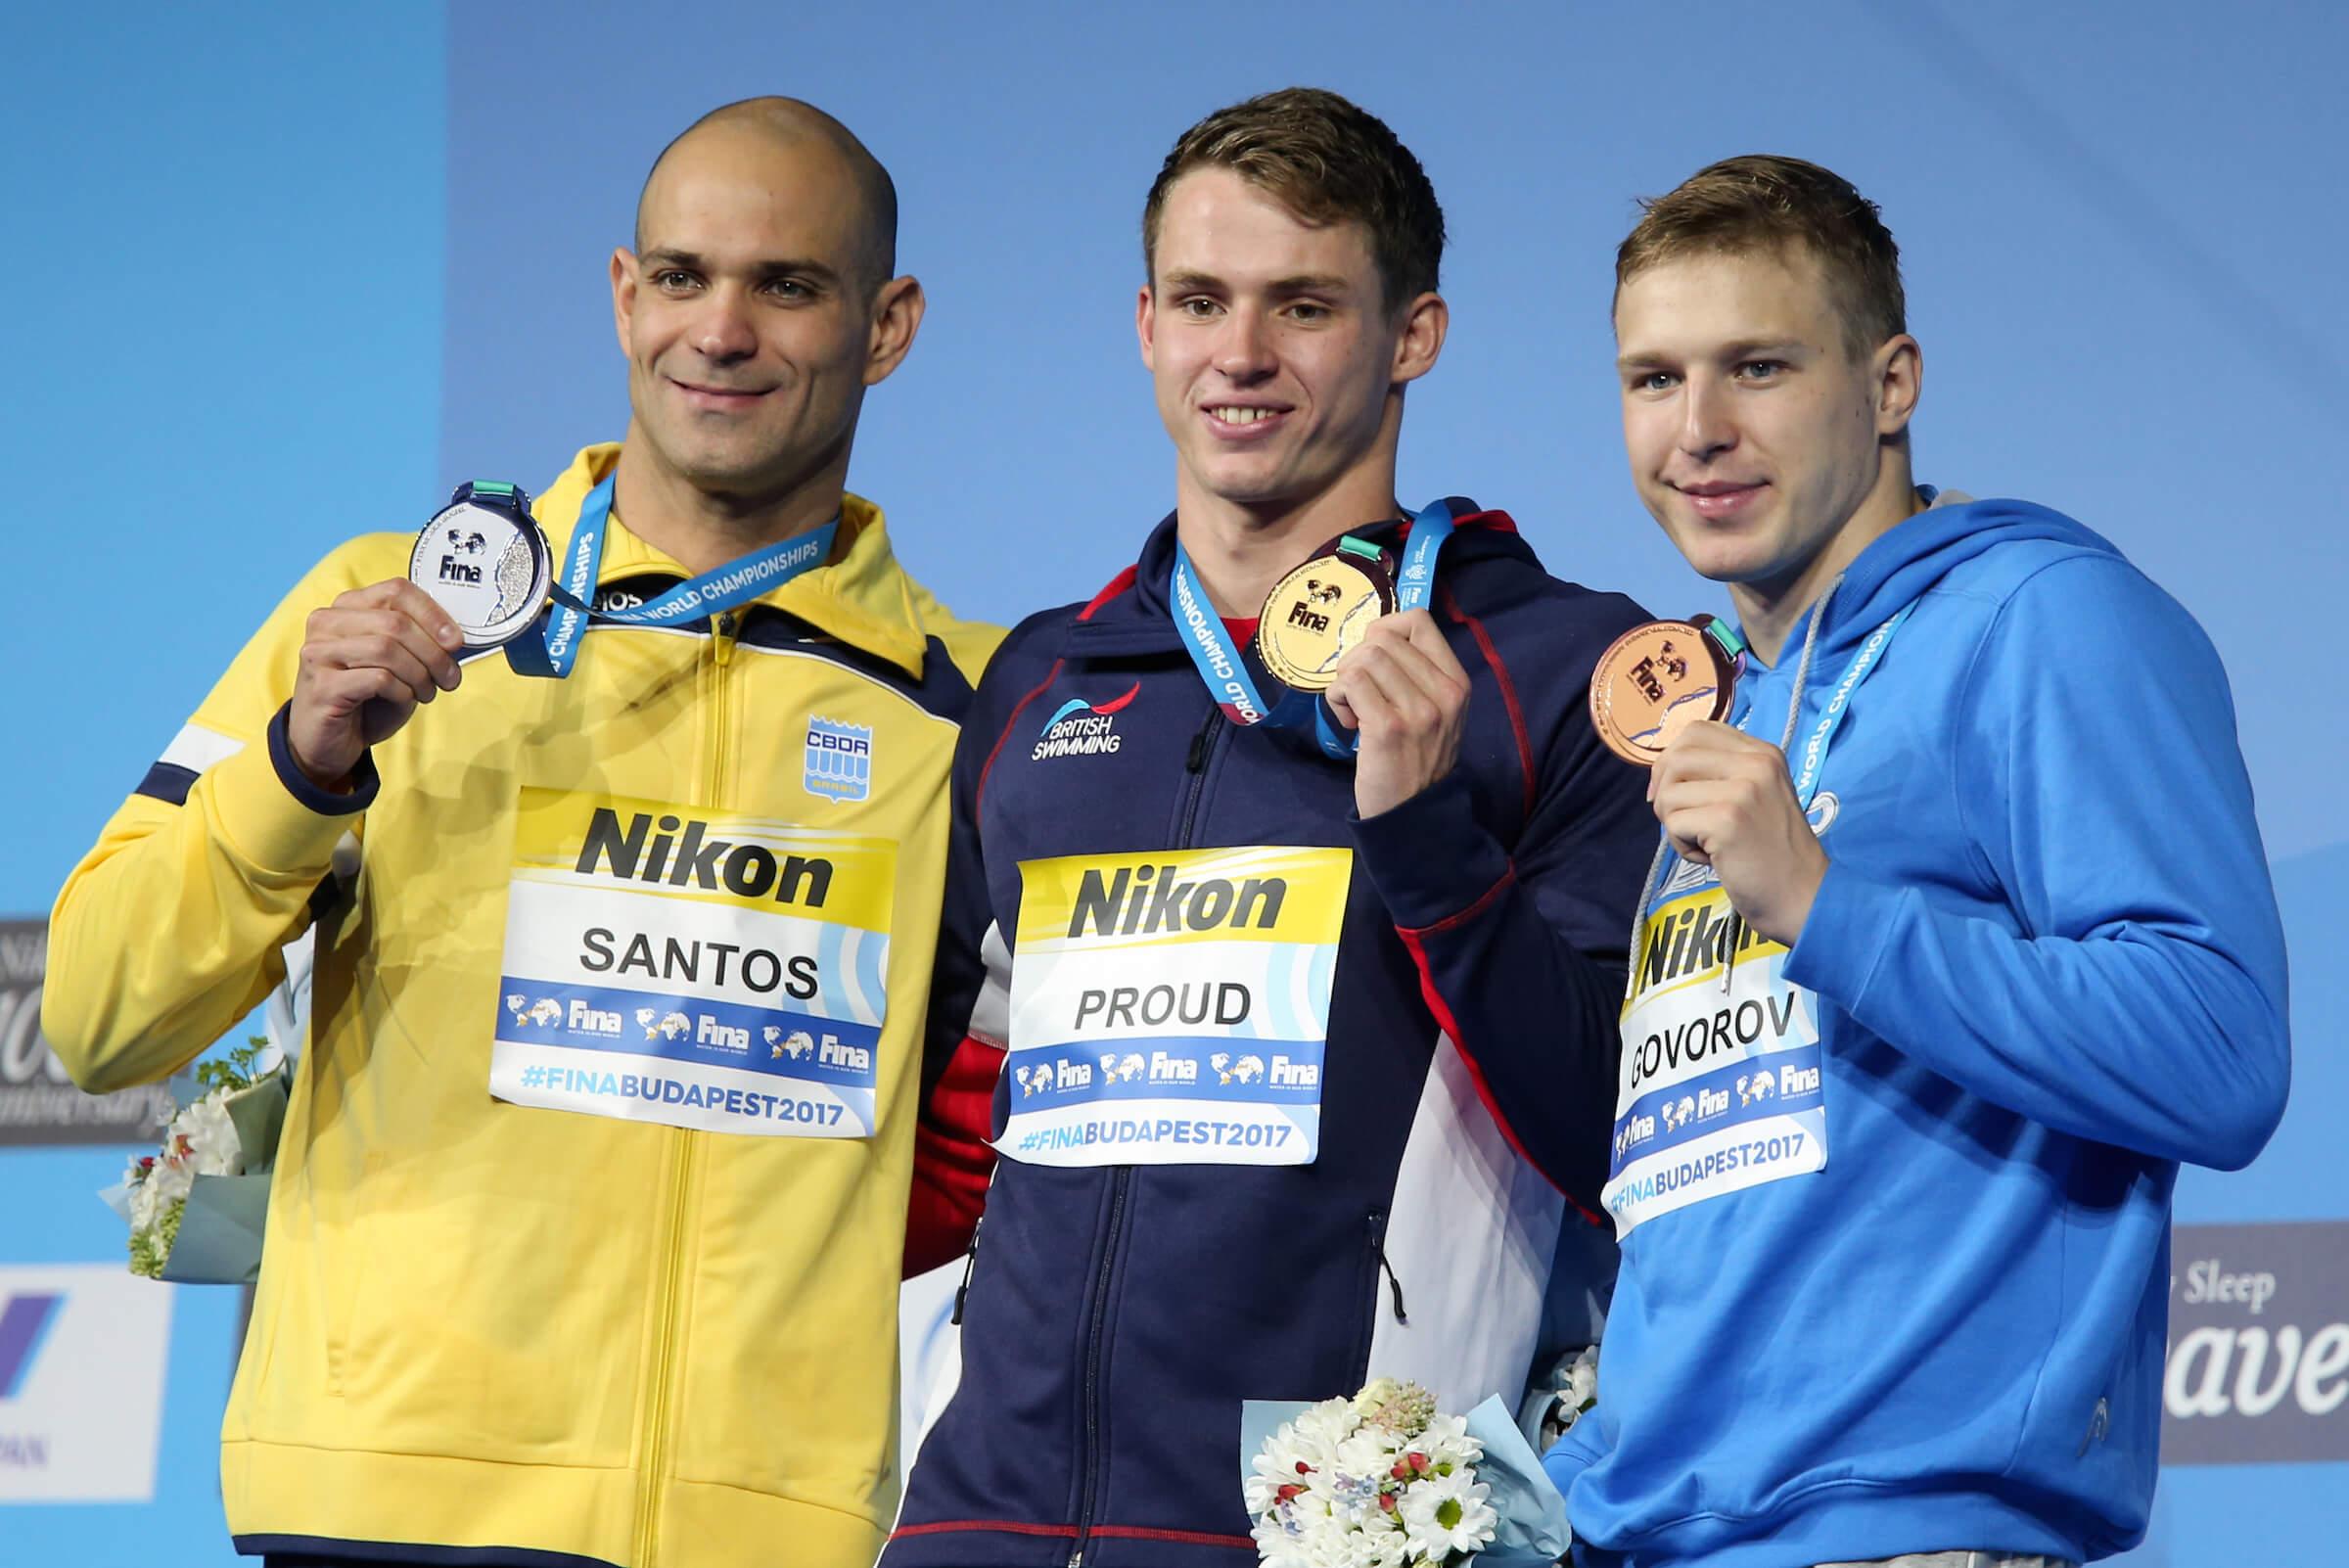 Никълъс-Сантос-Бен-горд-Андрий-govorov-50-лети-на подиума на 2017 г. свята шампиони